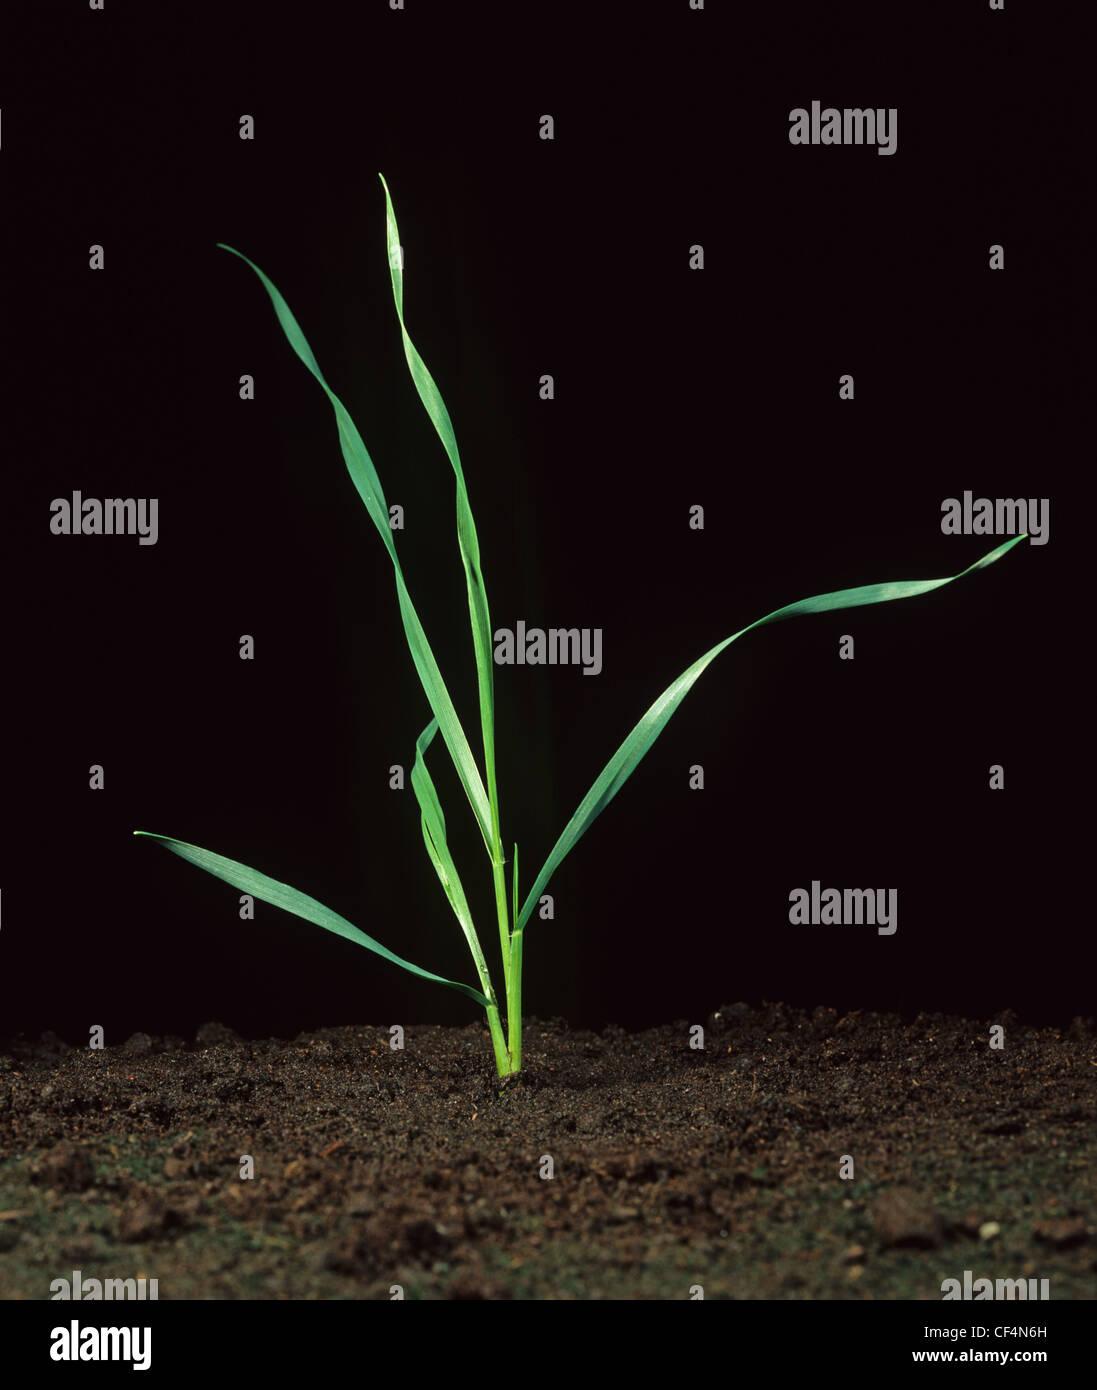 Joven planta de trigo en etapa de crecimiento 21 Imagen De Stock